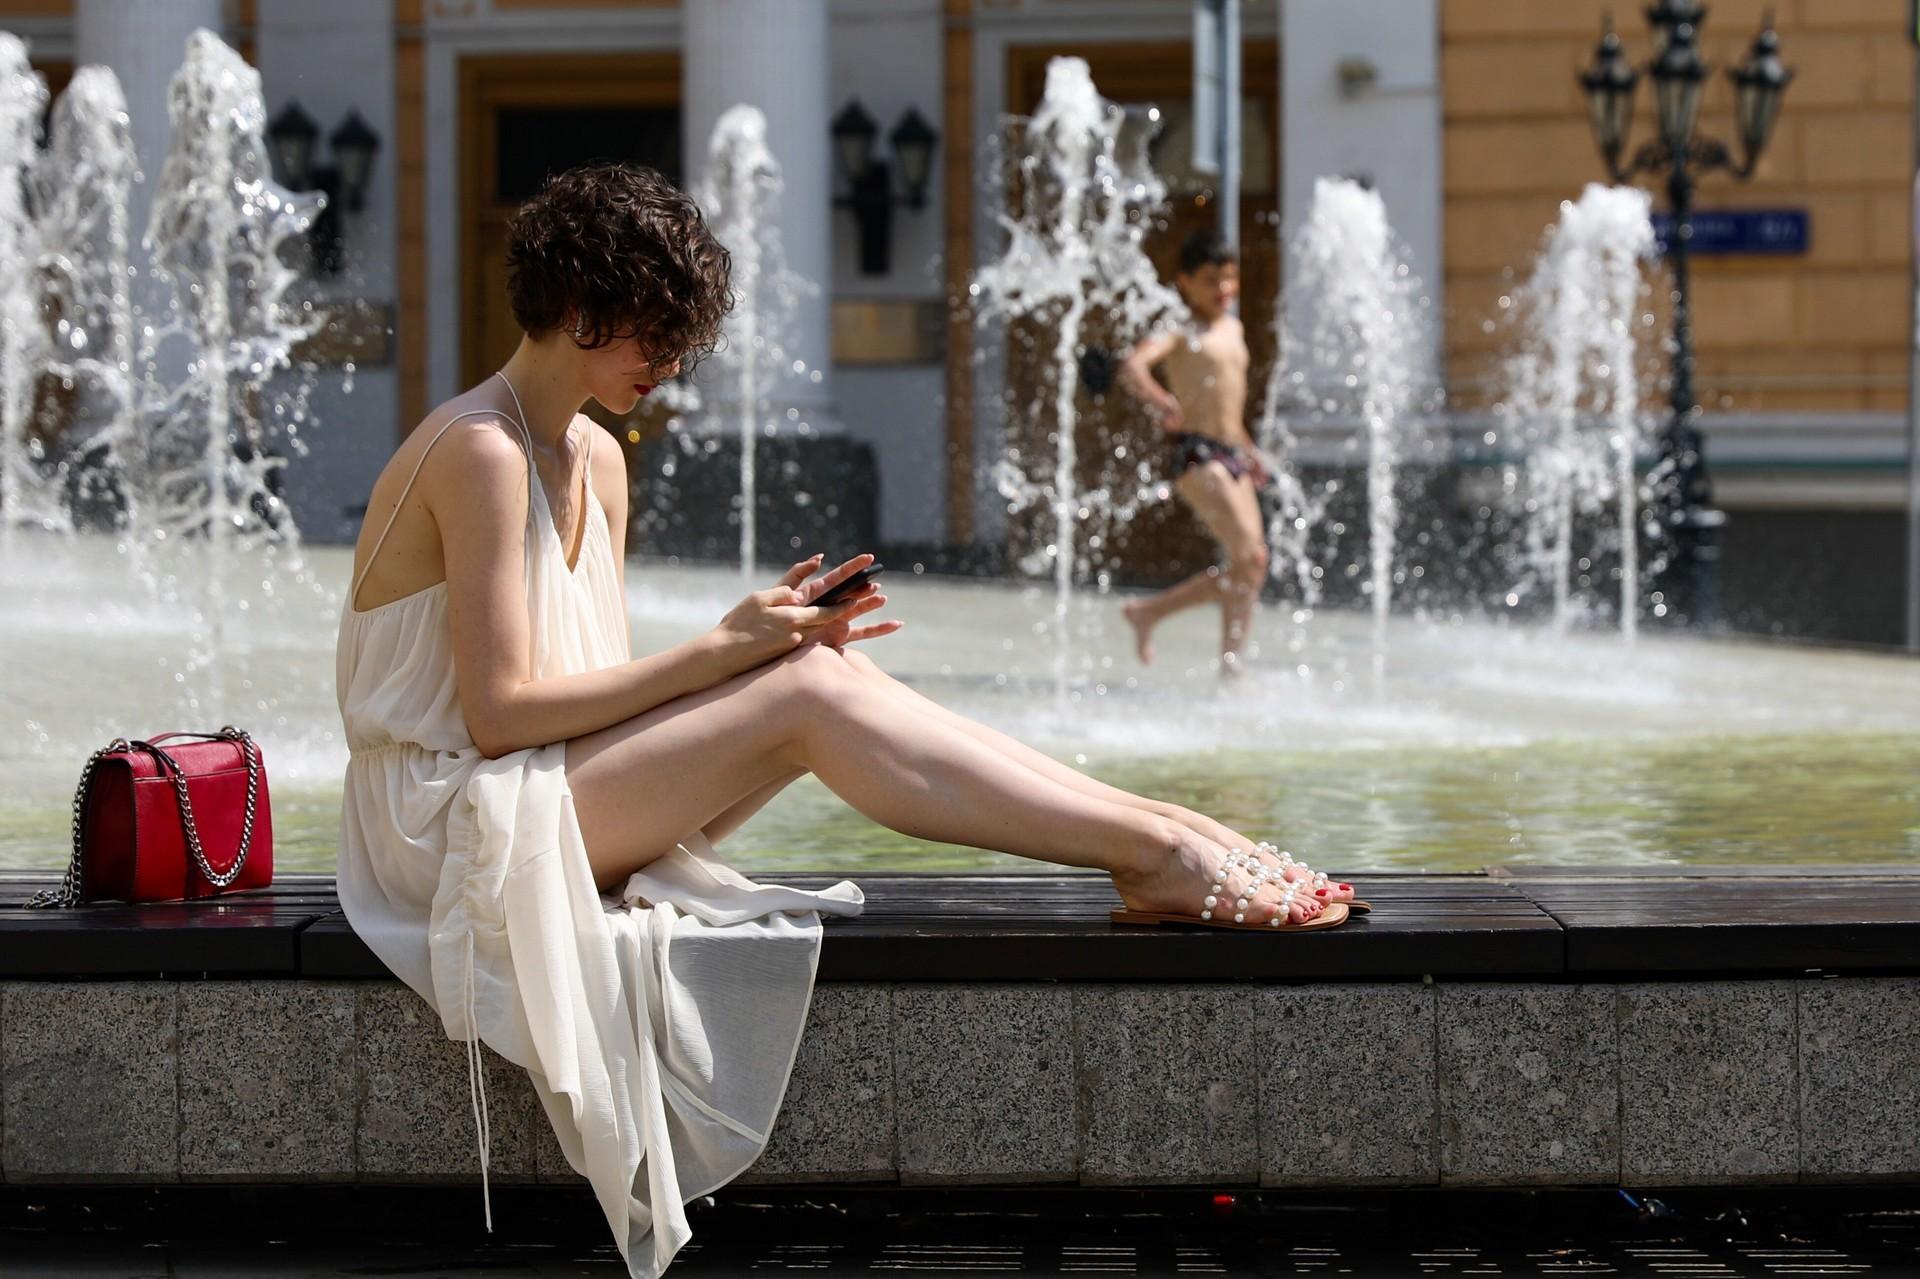 """Москва, 23 јуни 2021, плоштад """"Биржеваја"""""""